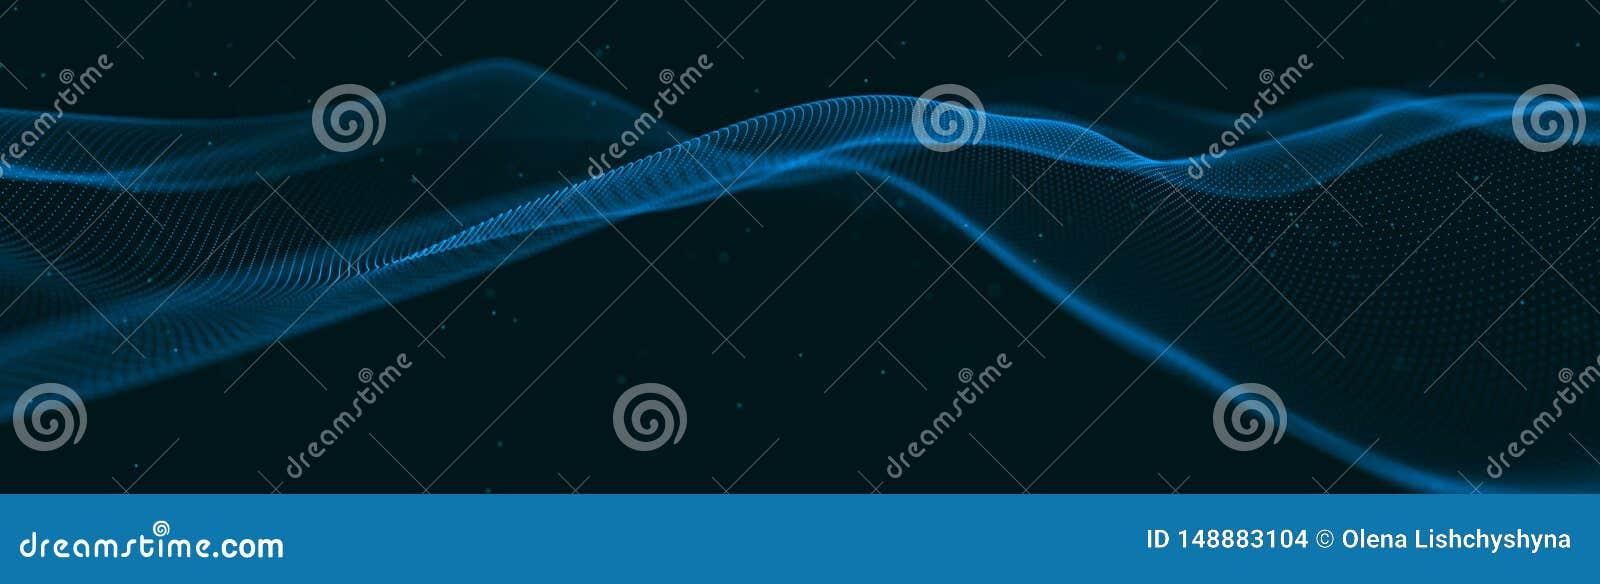 Musikalische Welle von Partikeln Solide strukturelle Verbindungen Abstrakter Hintergrund mit einer Welle von leuchtenden Partikel